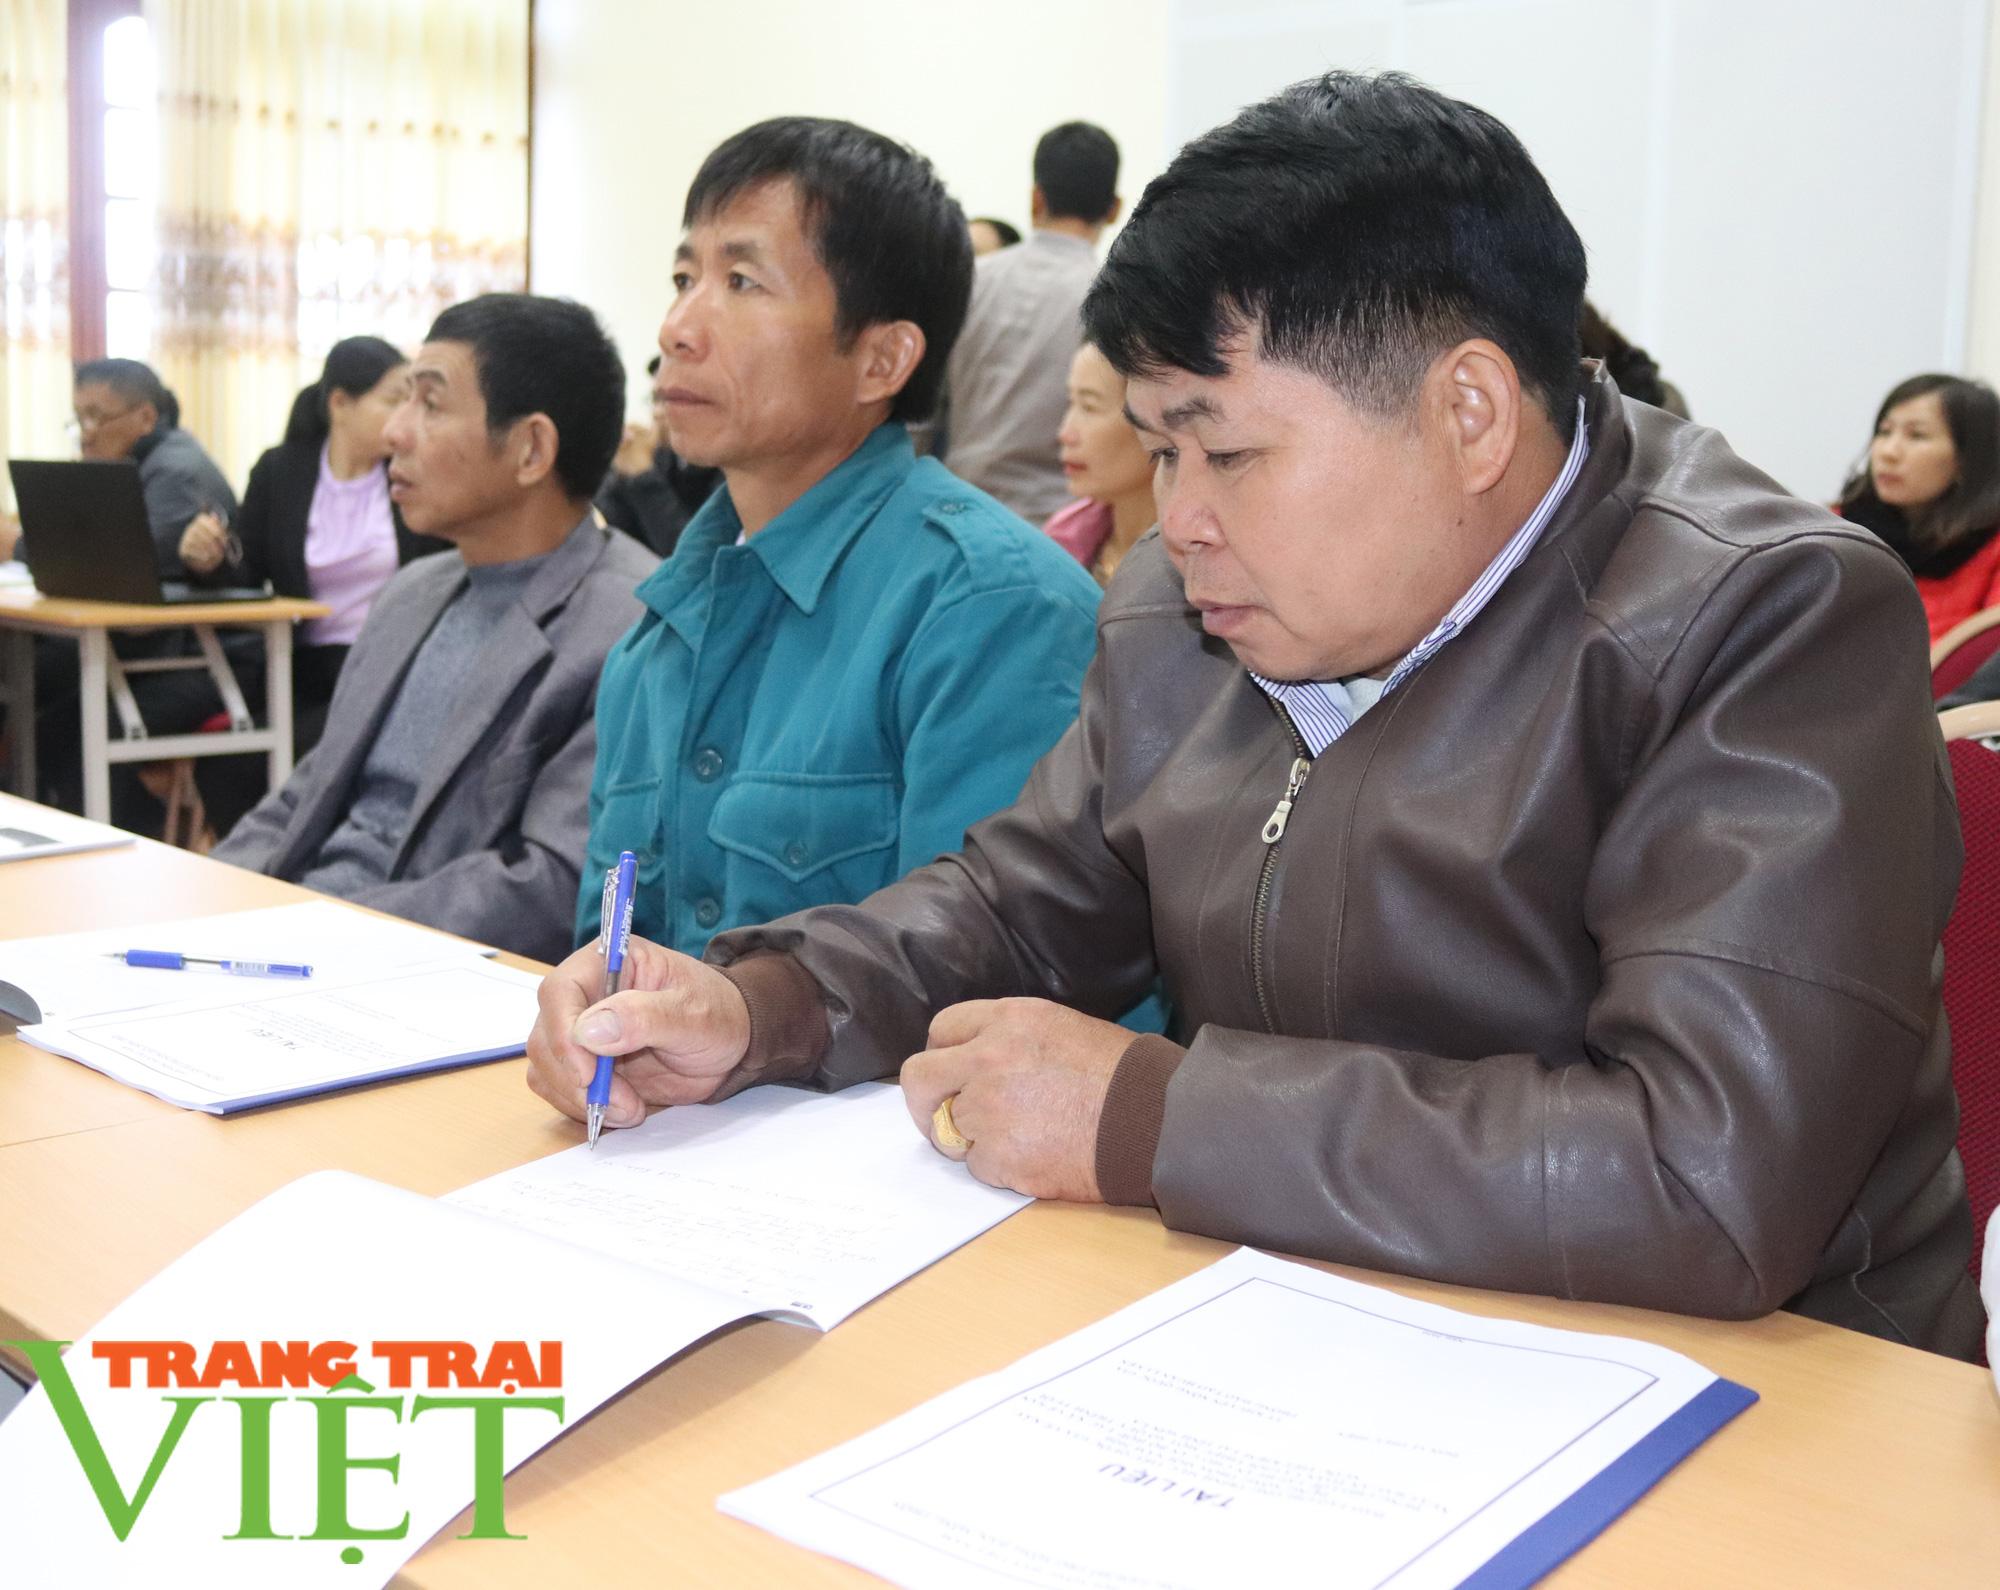 Sơn La: Tập huấn sản xuất rau an toàn và quy trình tưới nước tiết kiệm - Ảnh 4.